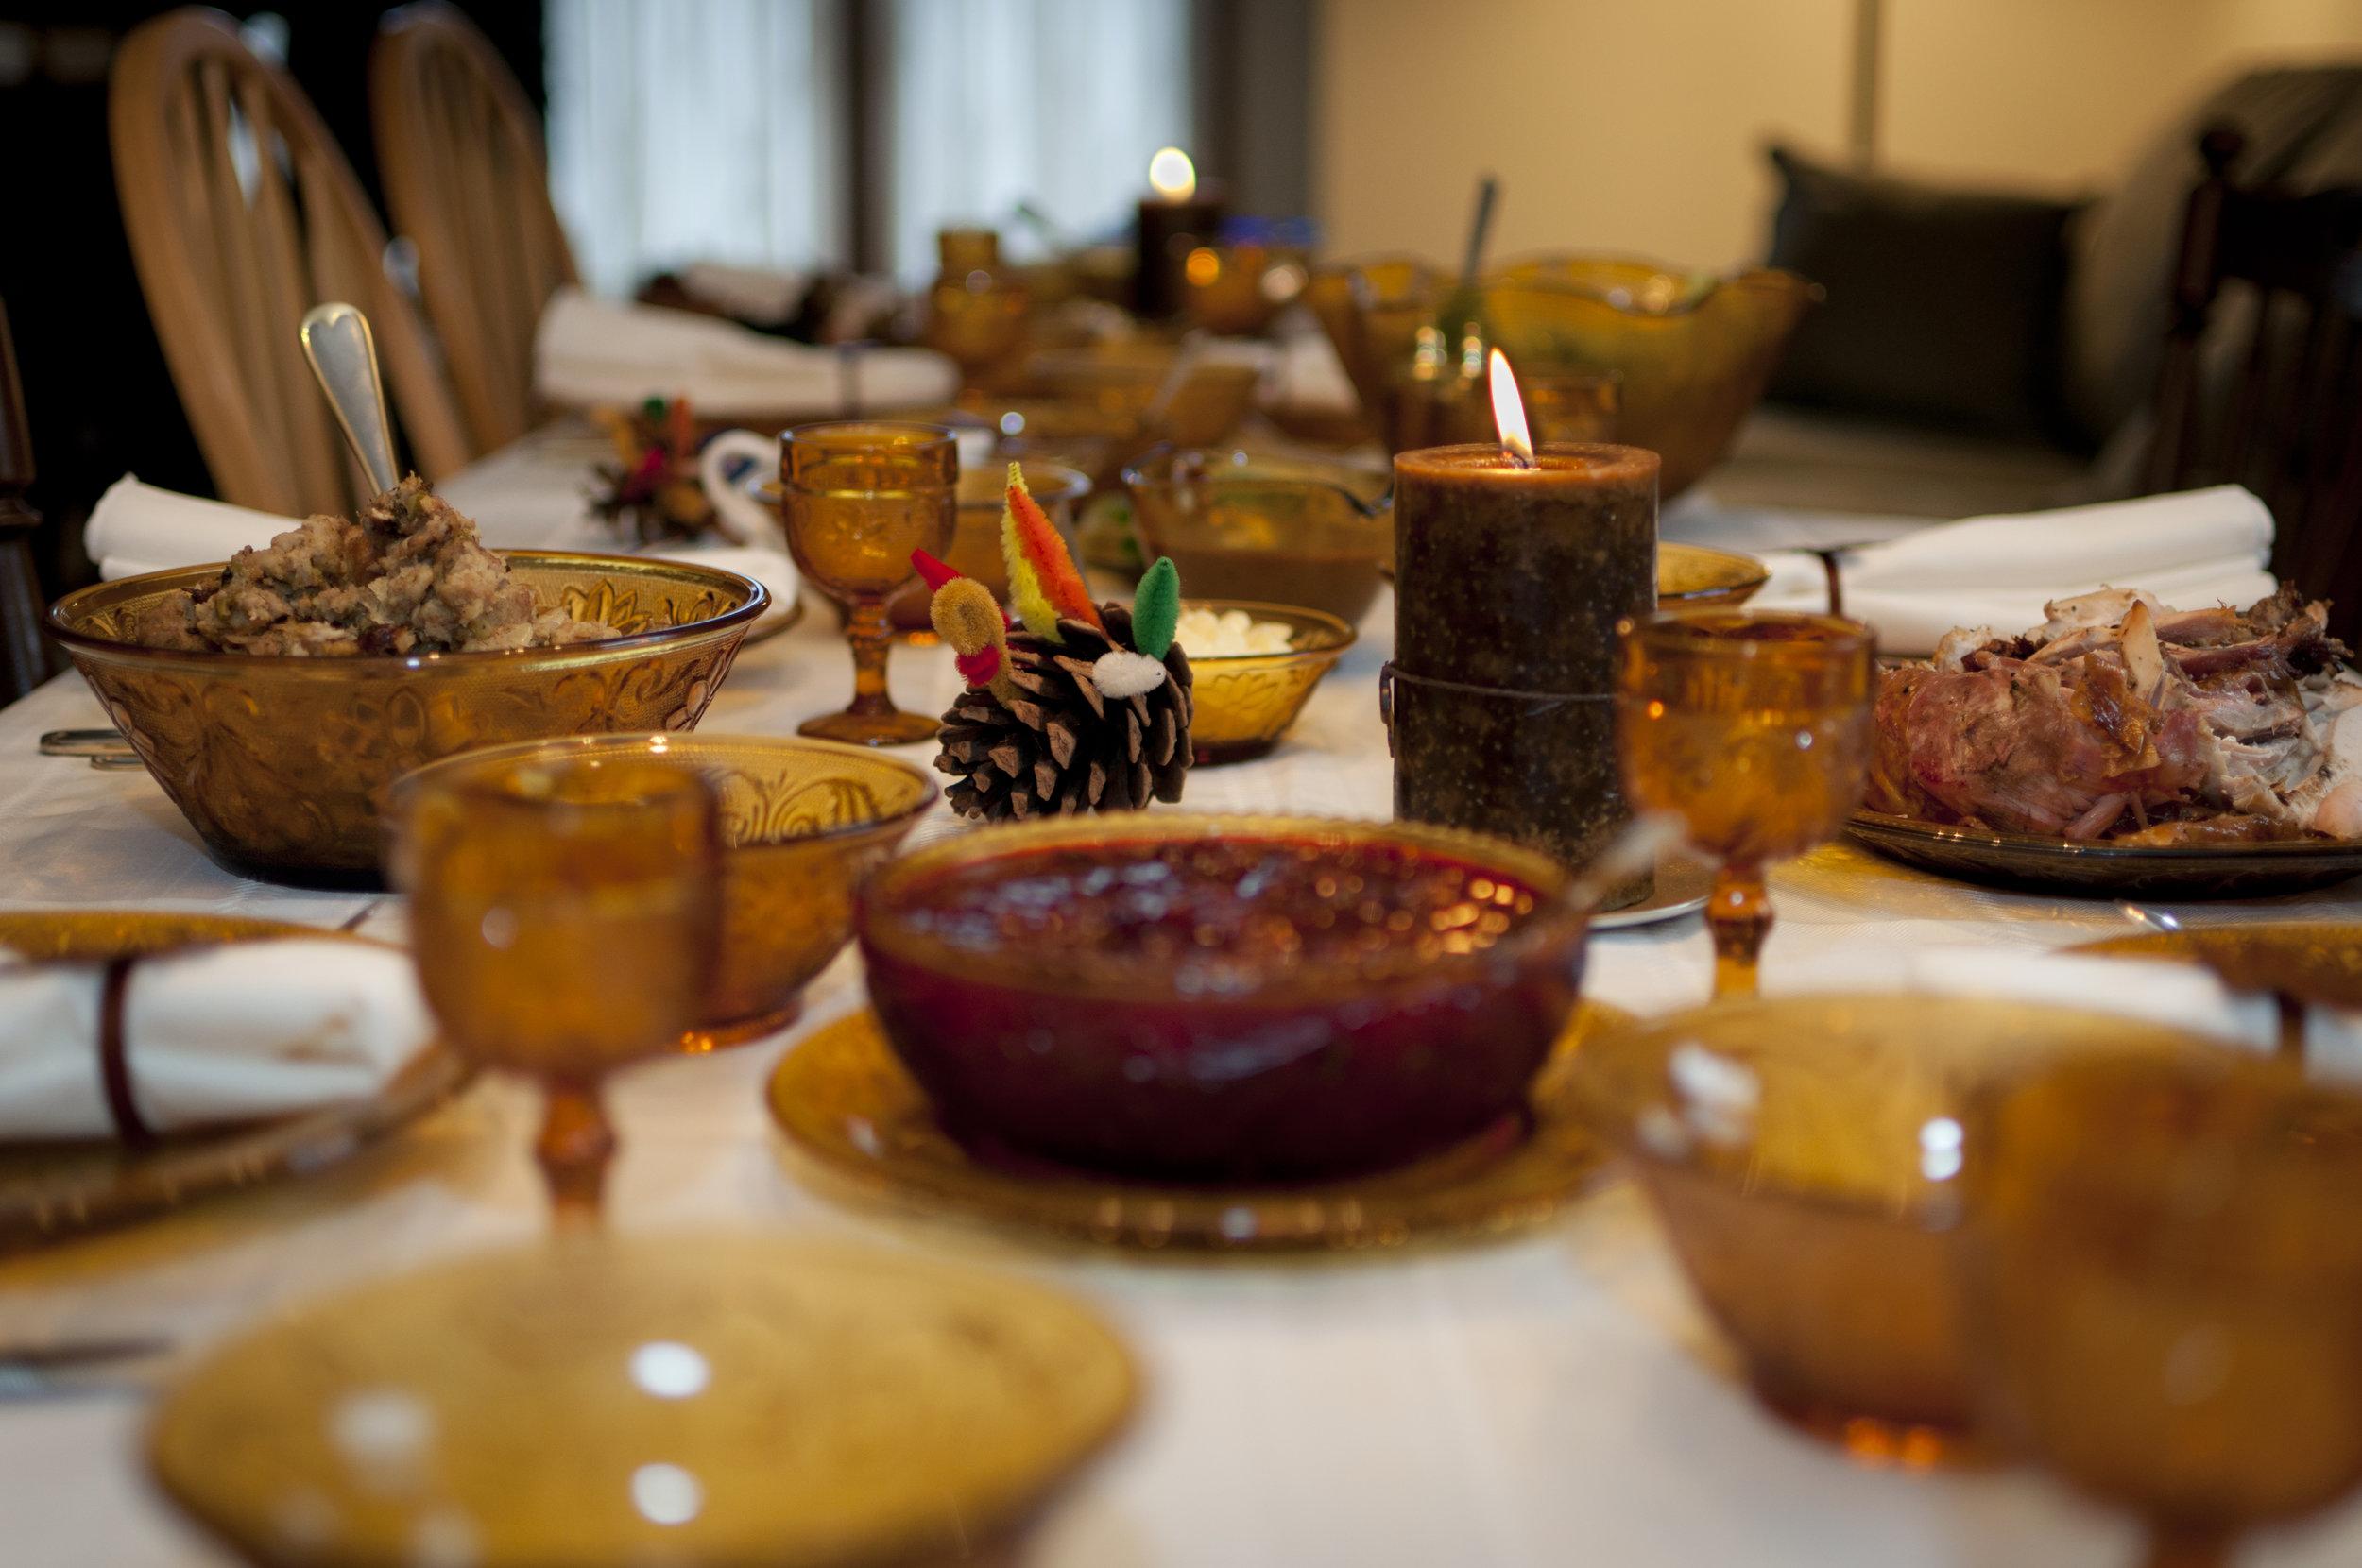 Pasos sencillos para comer saludable durante días festivos